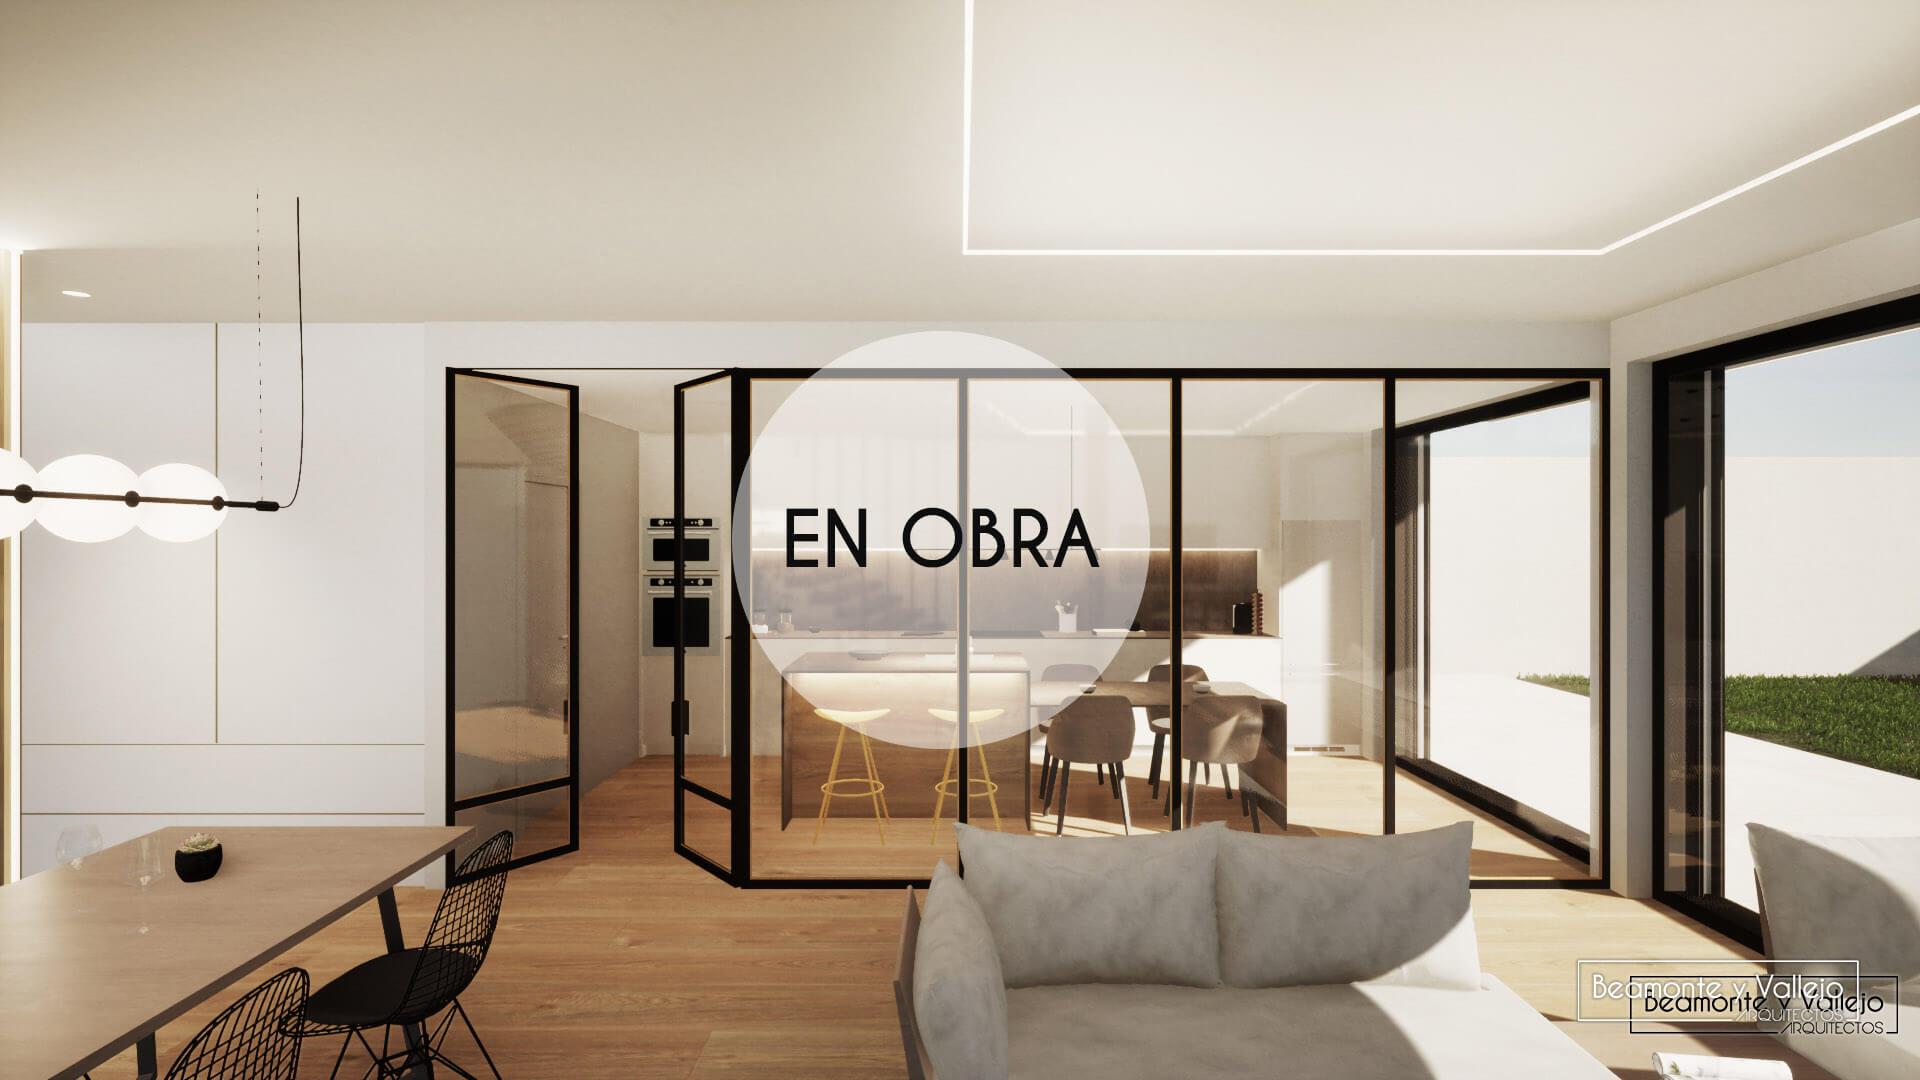 Beamonte y Vallejo arquitectos - Passivhaus Ejea en obra - 4